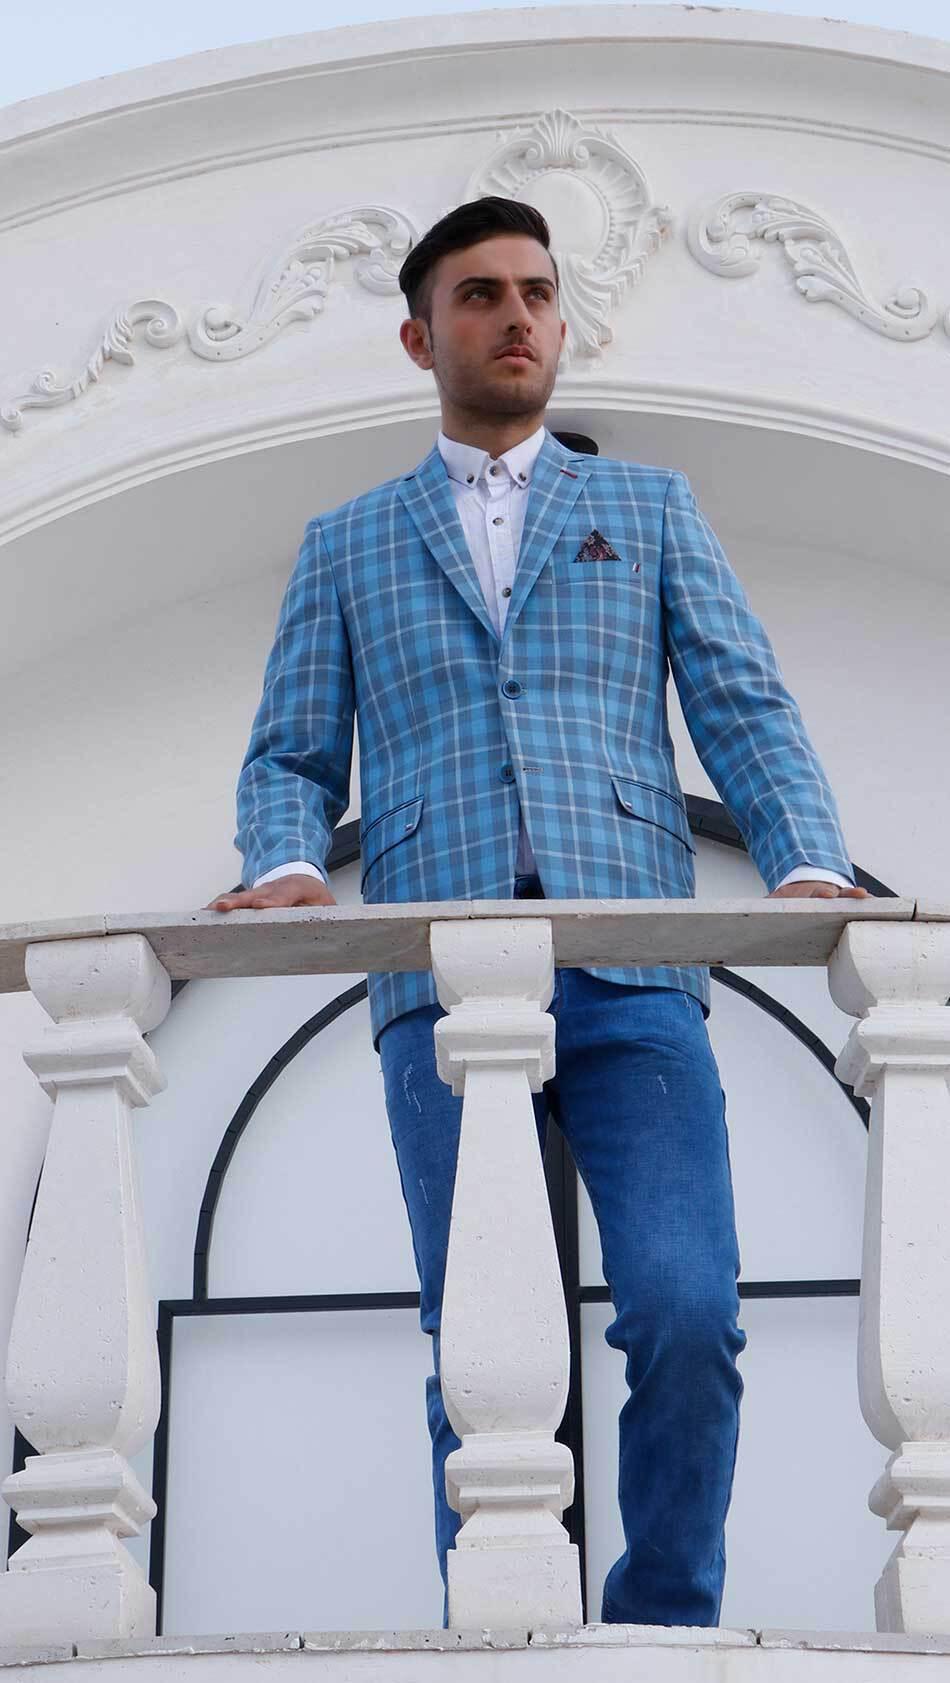 کت تک چهار خونه اسپرت رنگ آبی آسمانی سایت لومنز